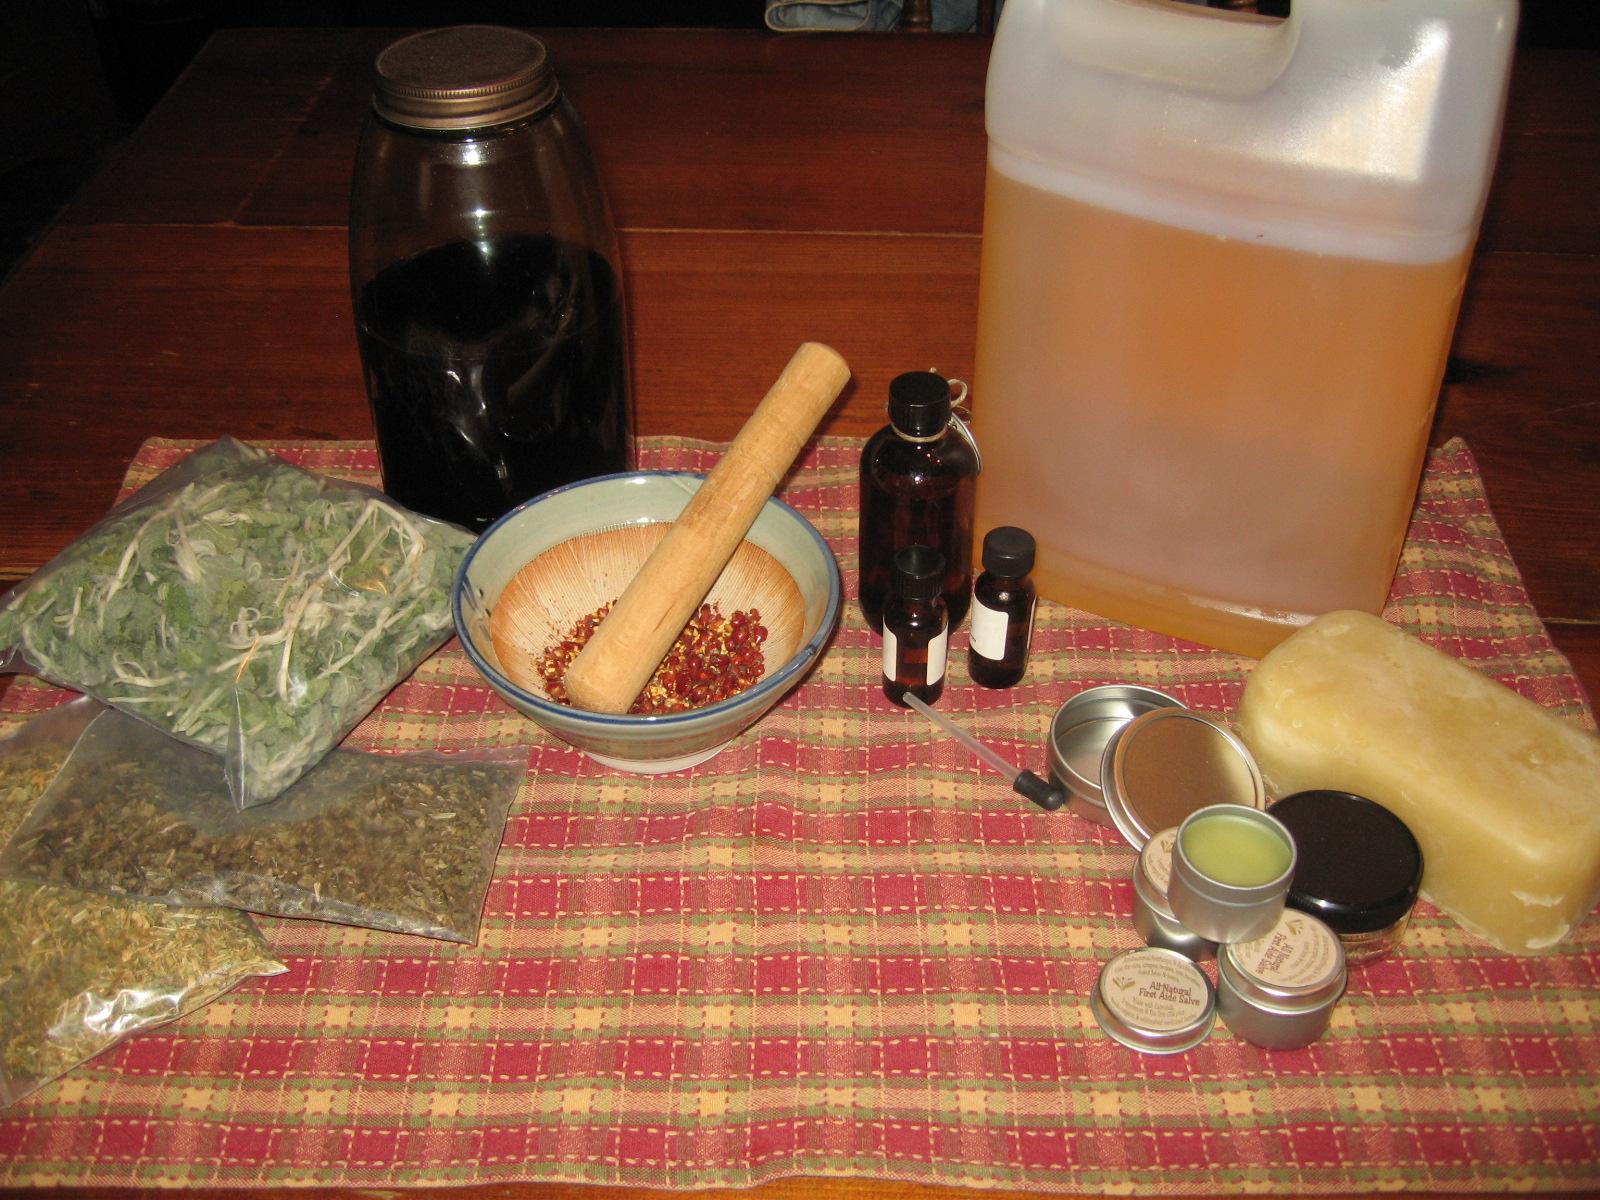 http://4.bp.blogspot.com/_OLCPV59IHWQ/TTnK0qY4QUI/AAAAAAAAAiY/RFxzEUYIBw8/s1600/Herbal+Remedies+001.jpg